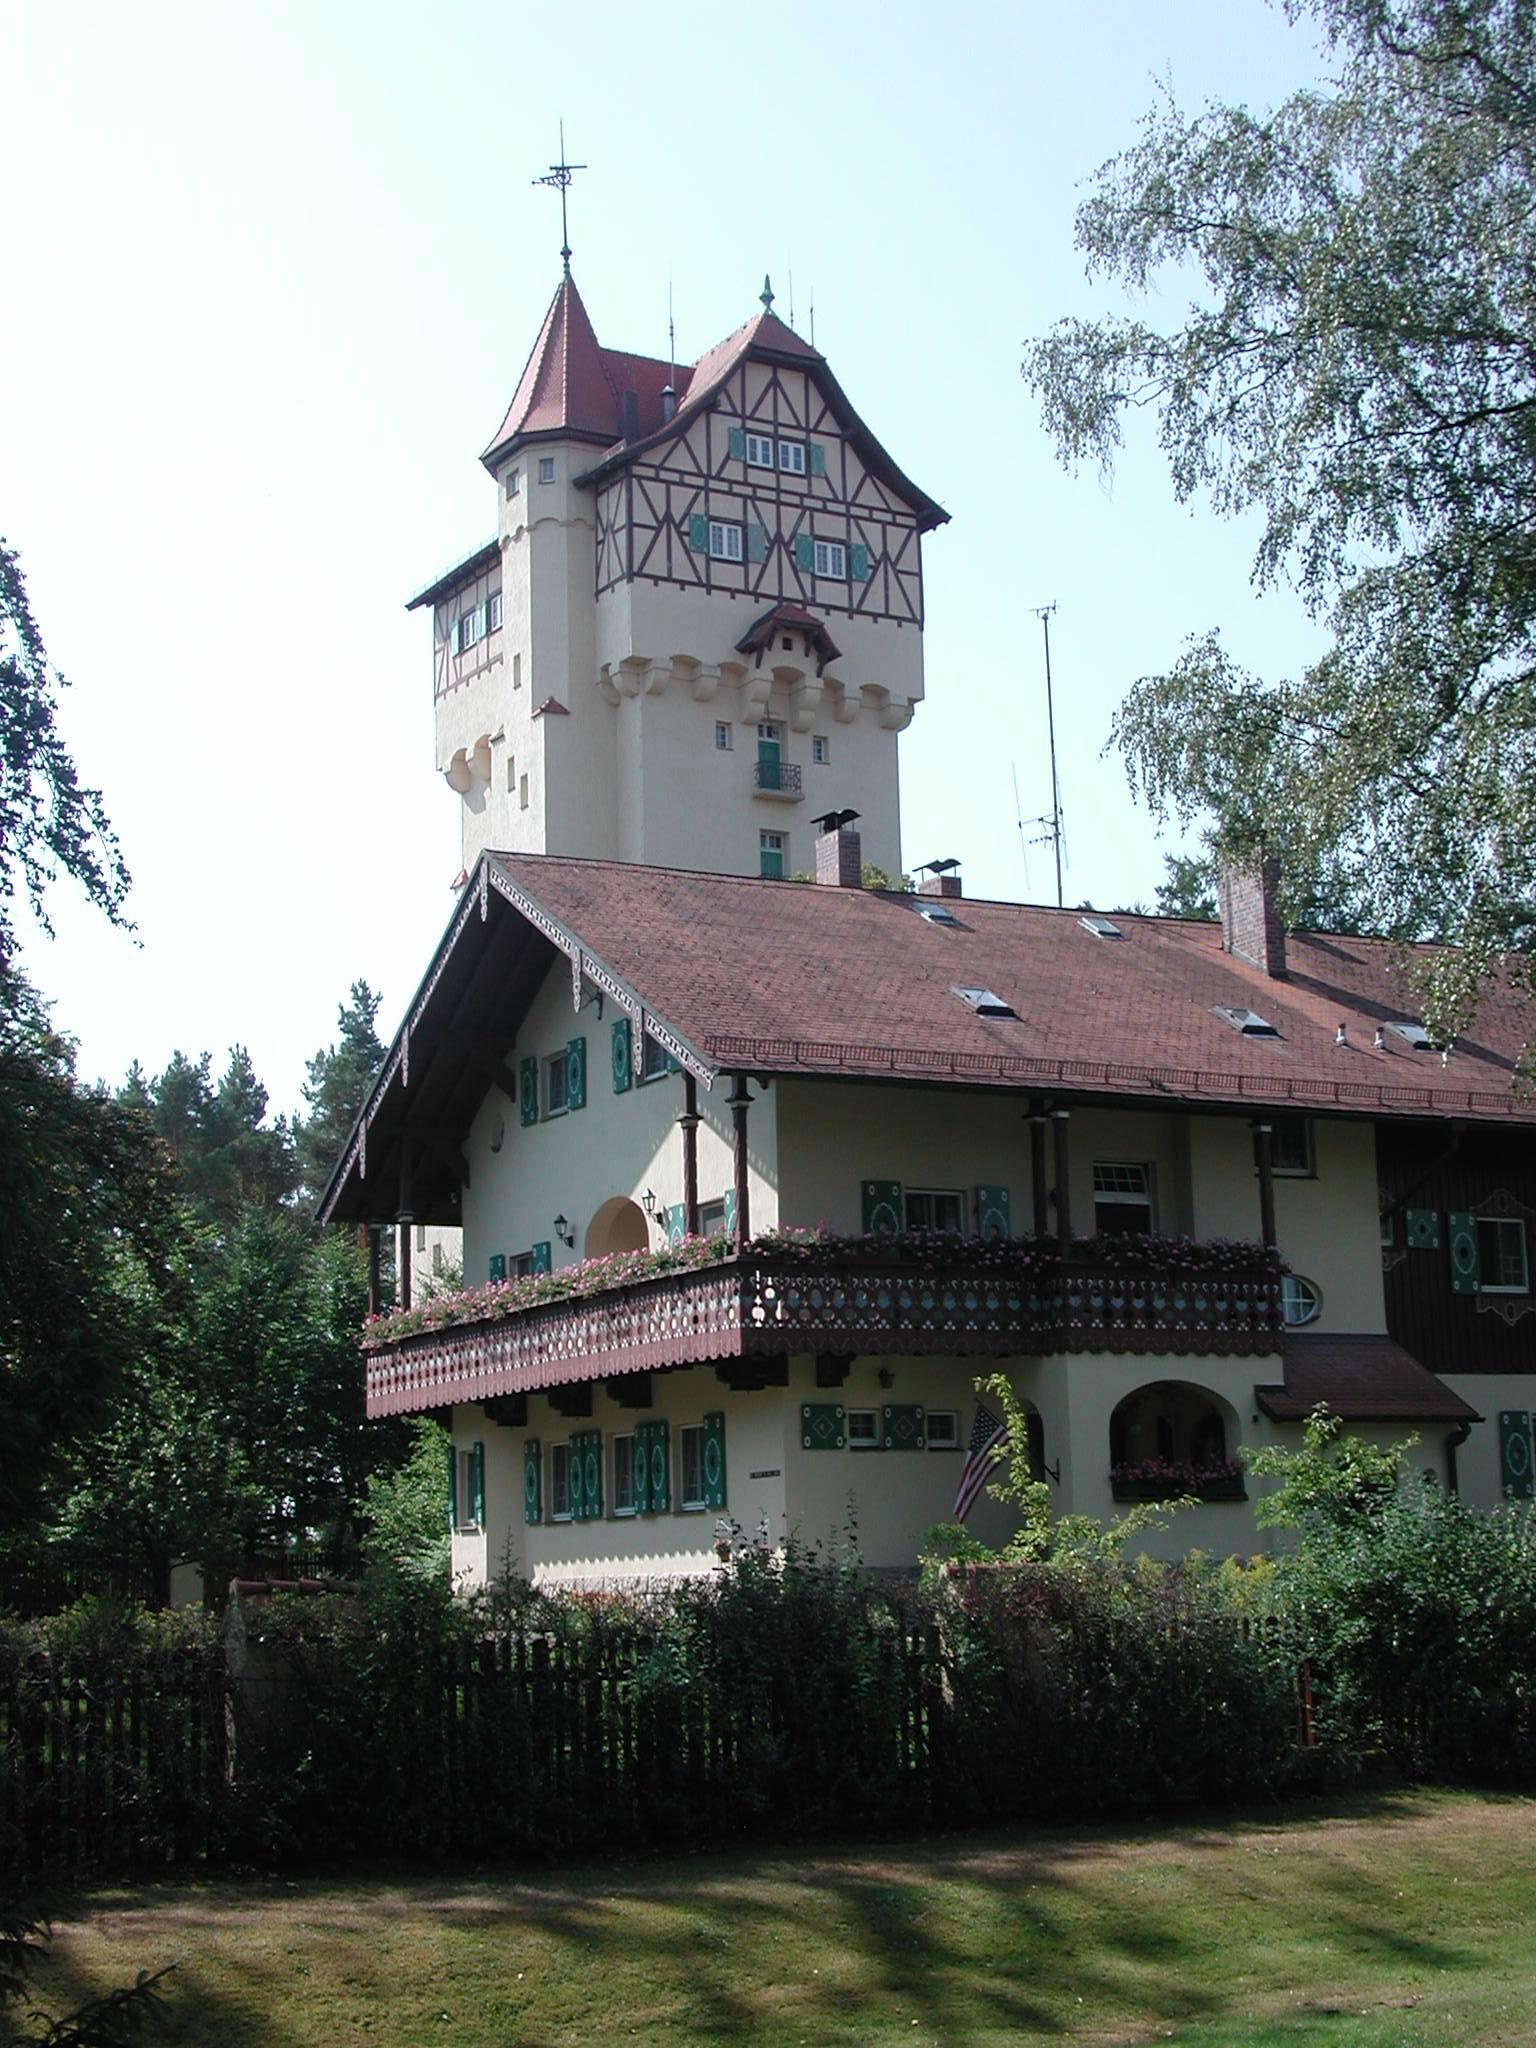 Wasserturm mit Forsthaus